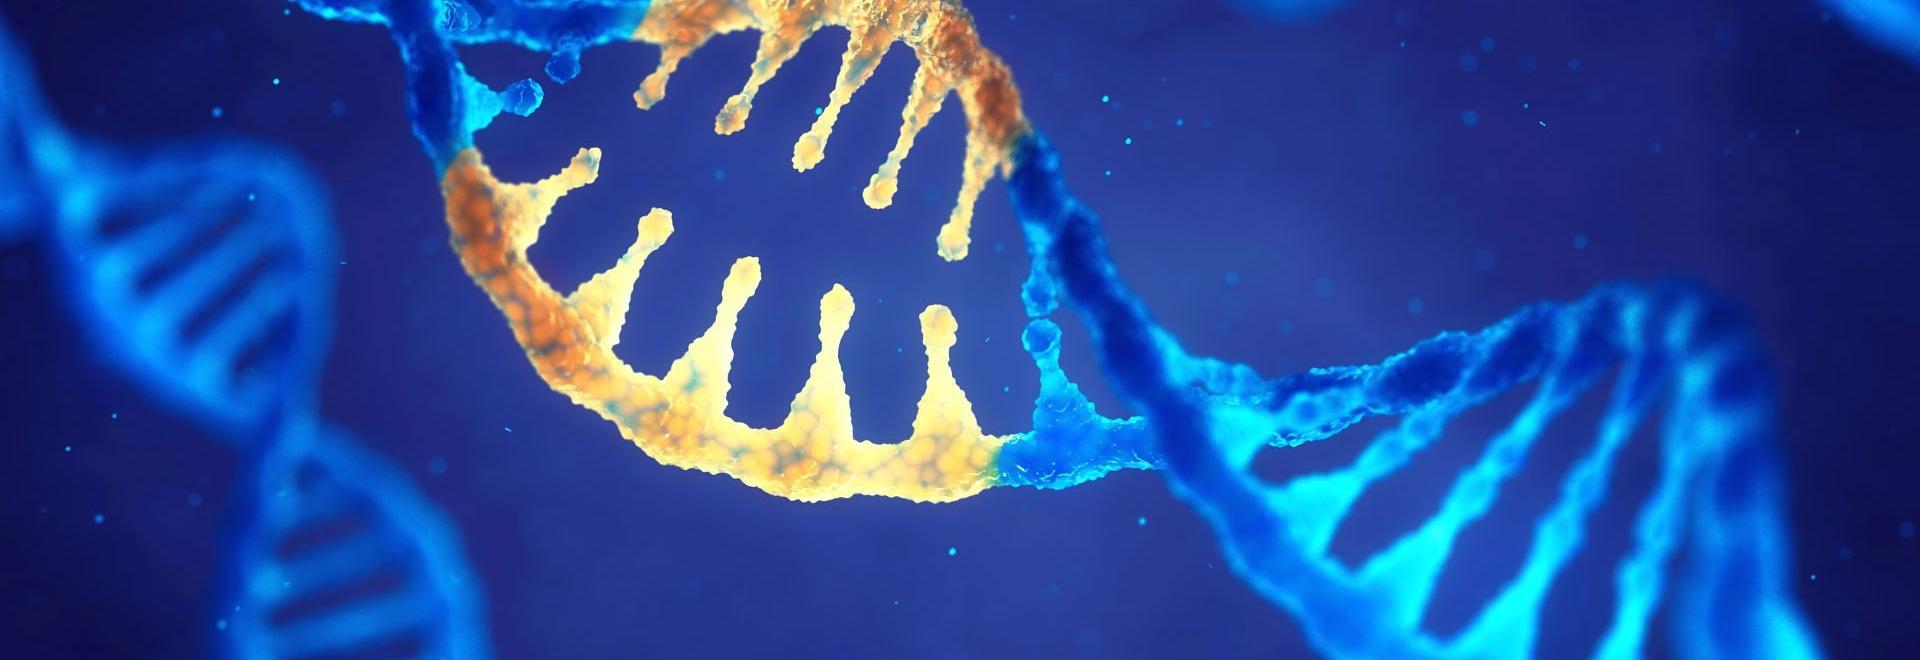 Chinesische Wissenschaftler versuchten, HIV mit CRISPR zu behandeln